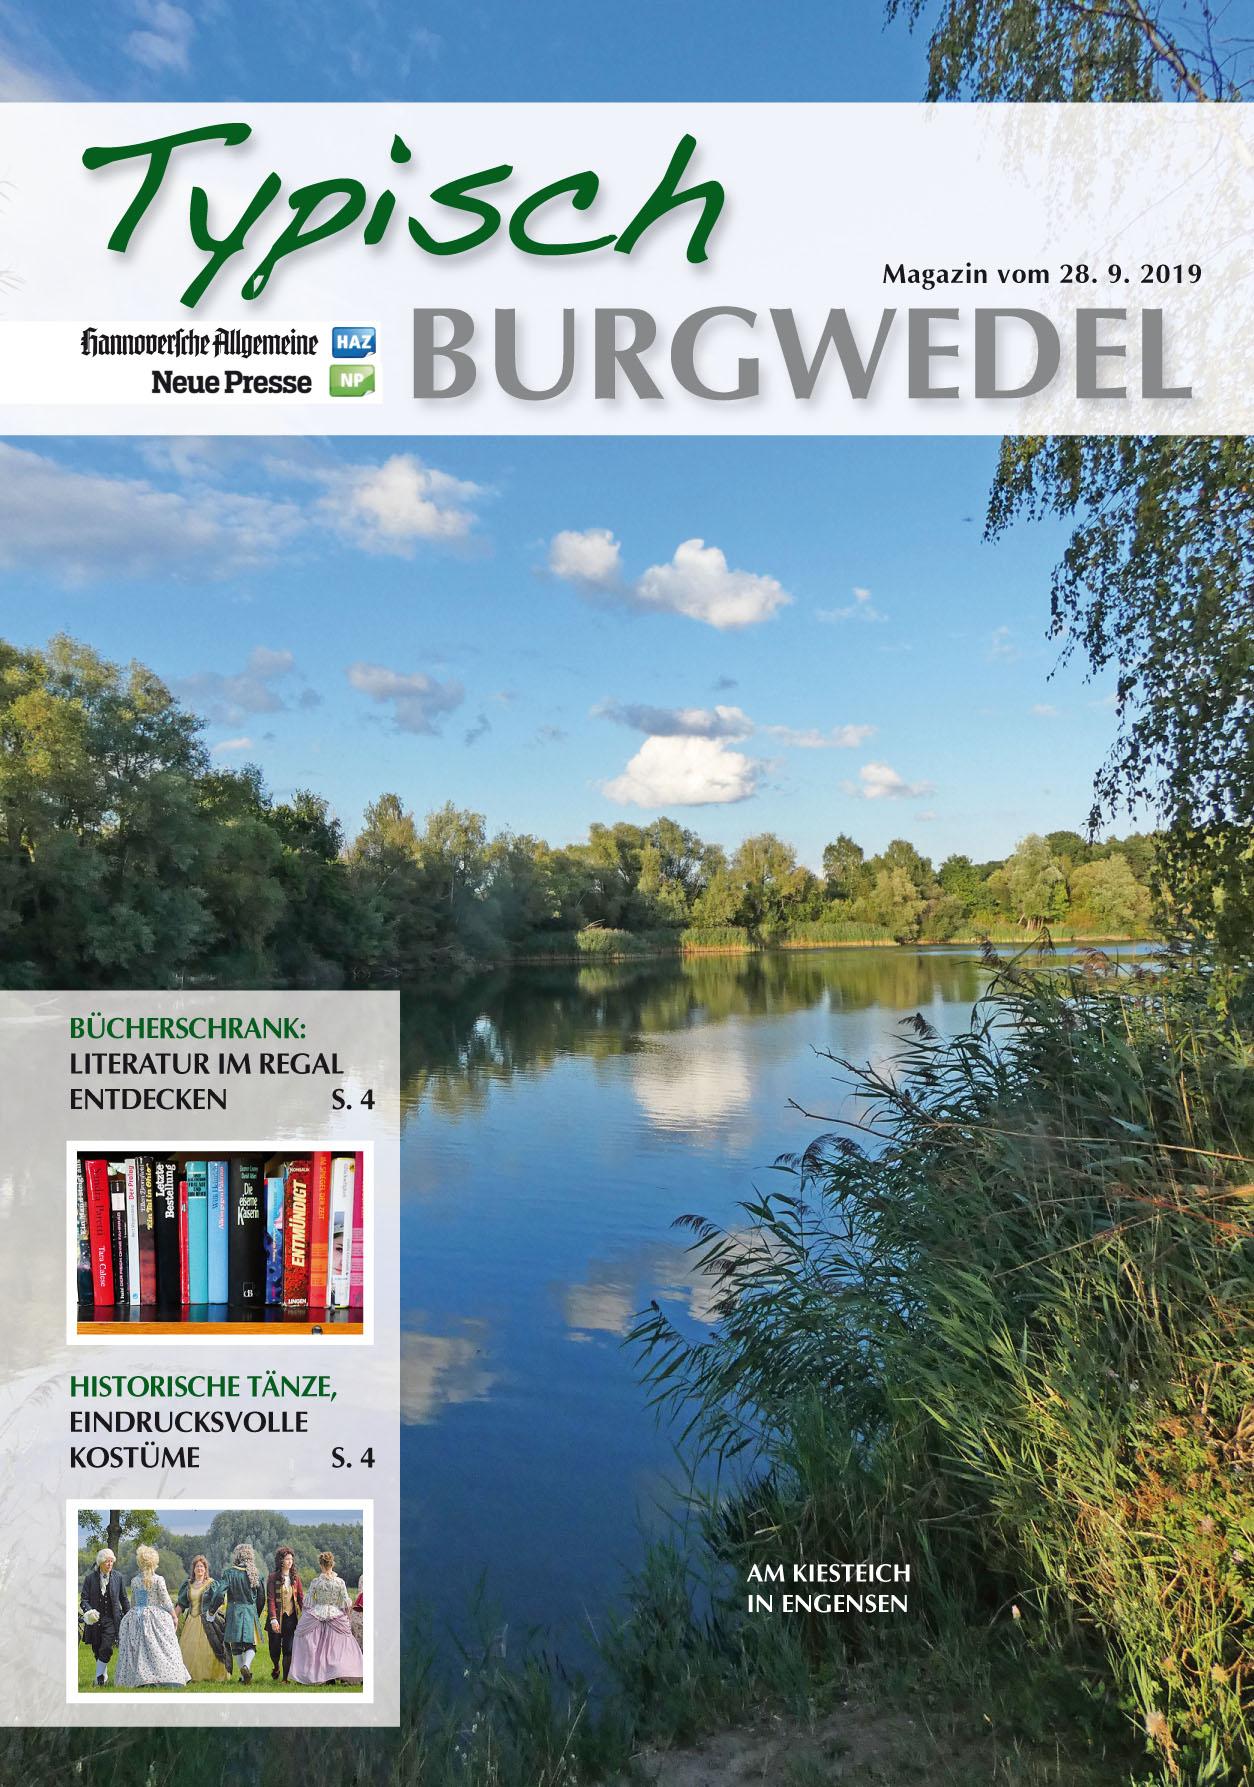 burgwedel-vom-28-09-2019